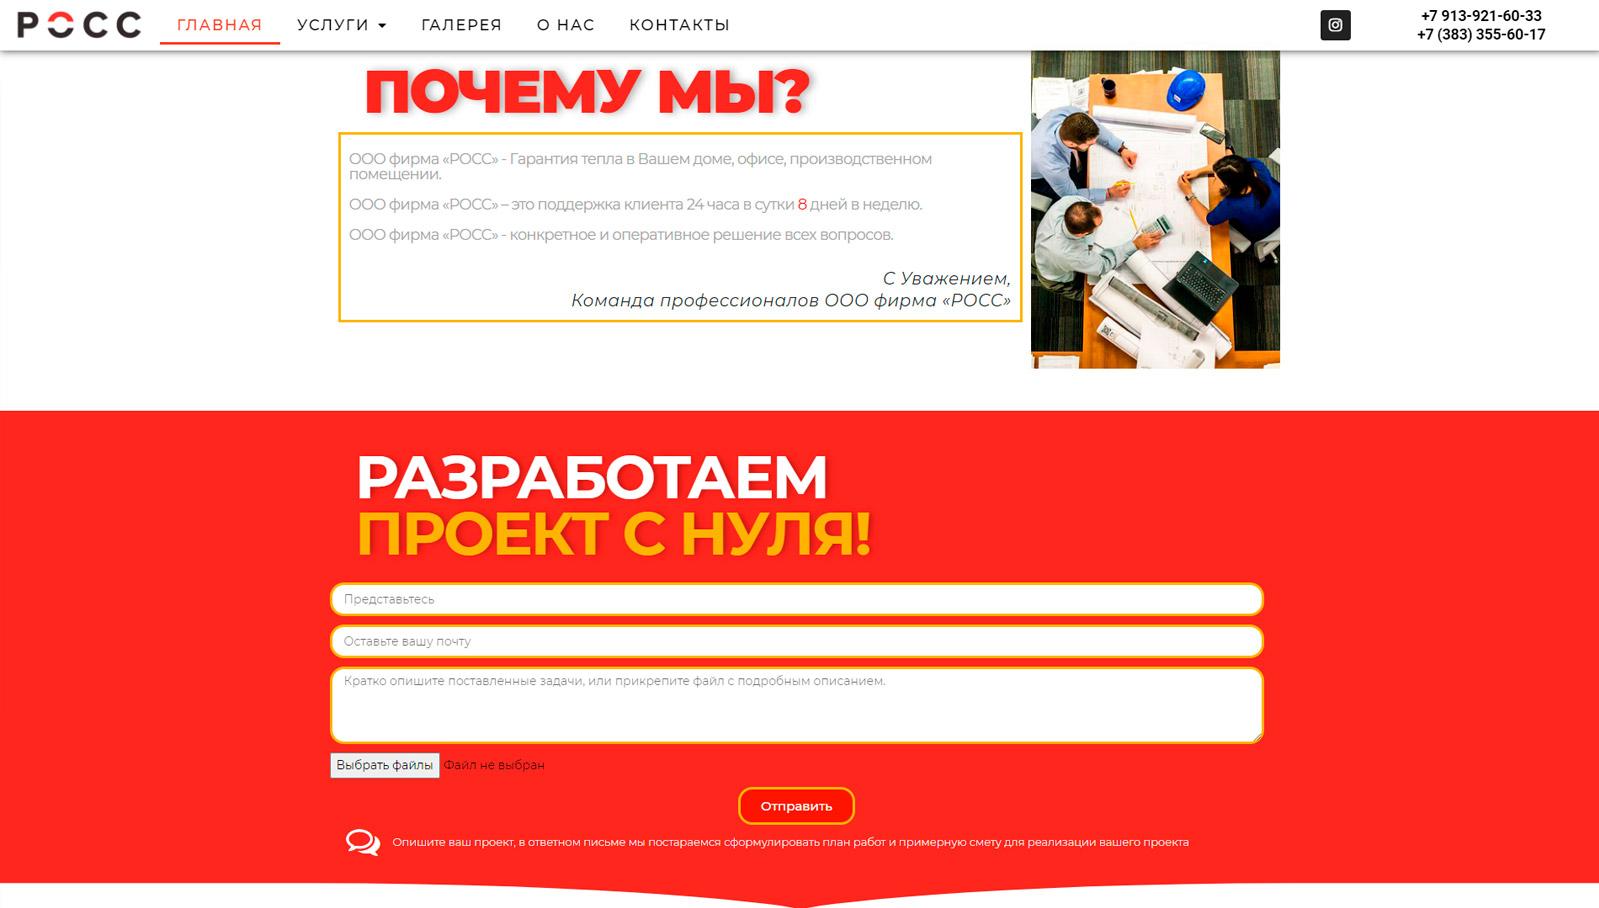 SPS_sajt_ross_avtomatizaciya3